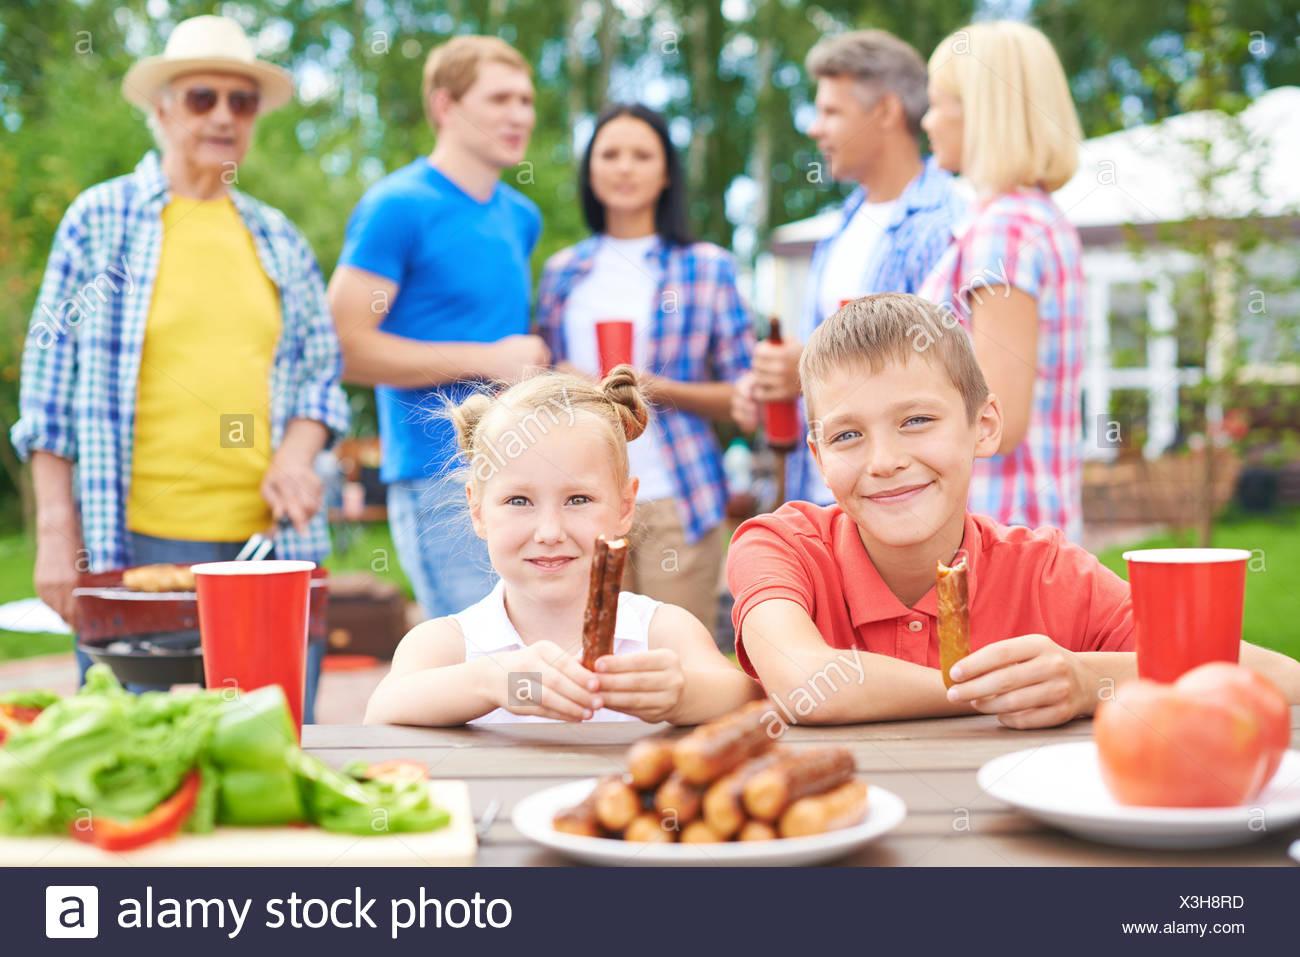 Los Niños Que Comen Salchichas Durante Su Reunión Familiar Foto